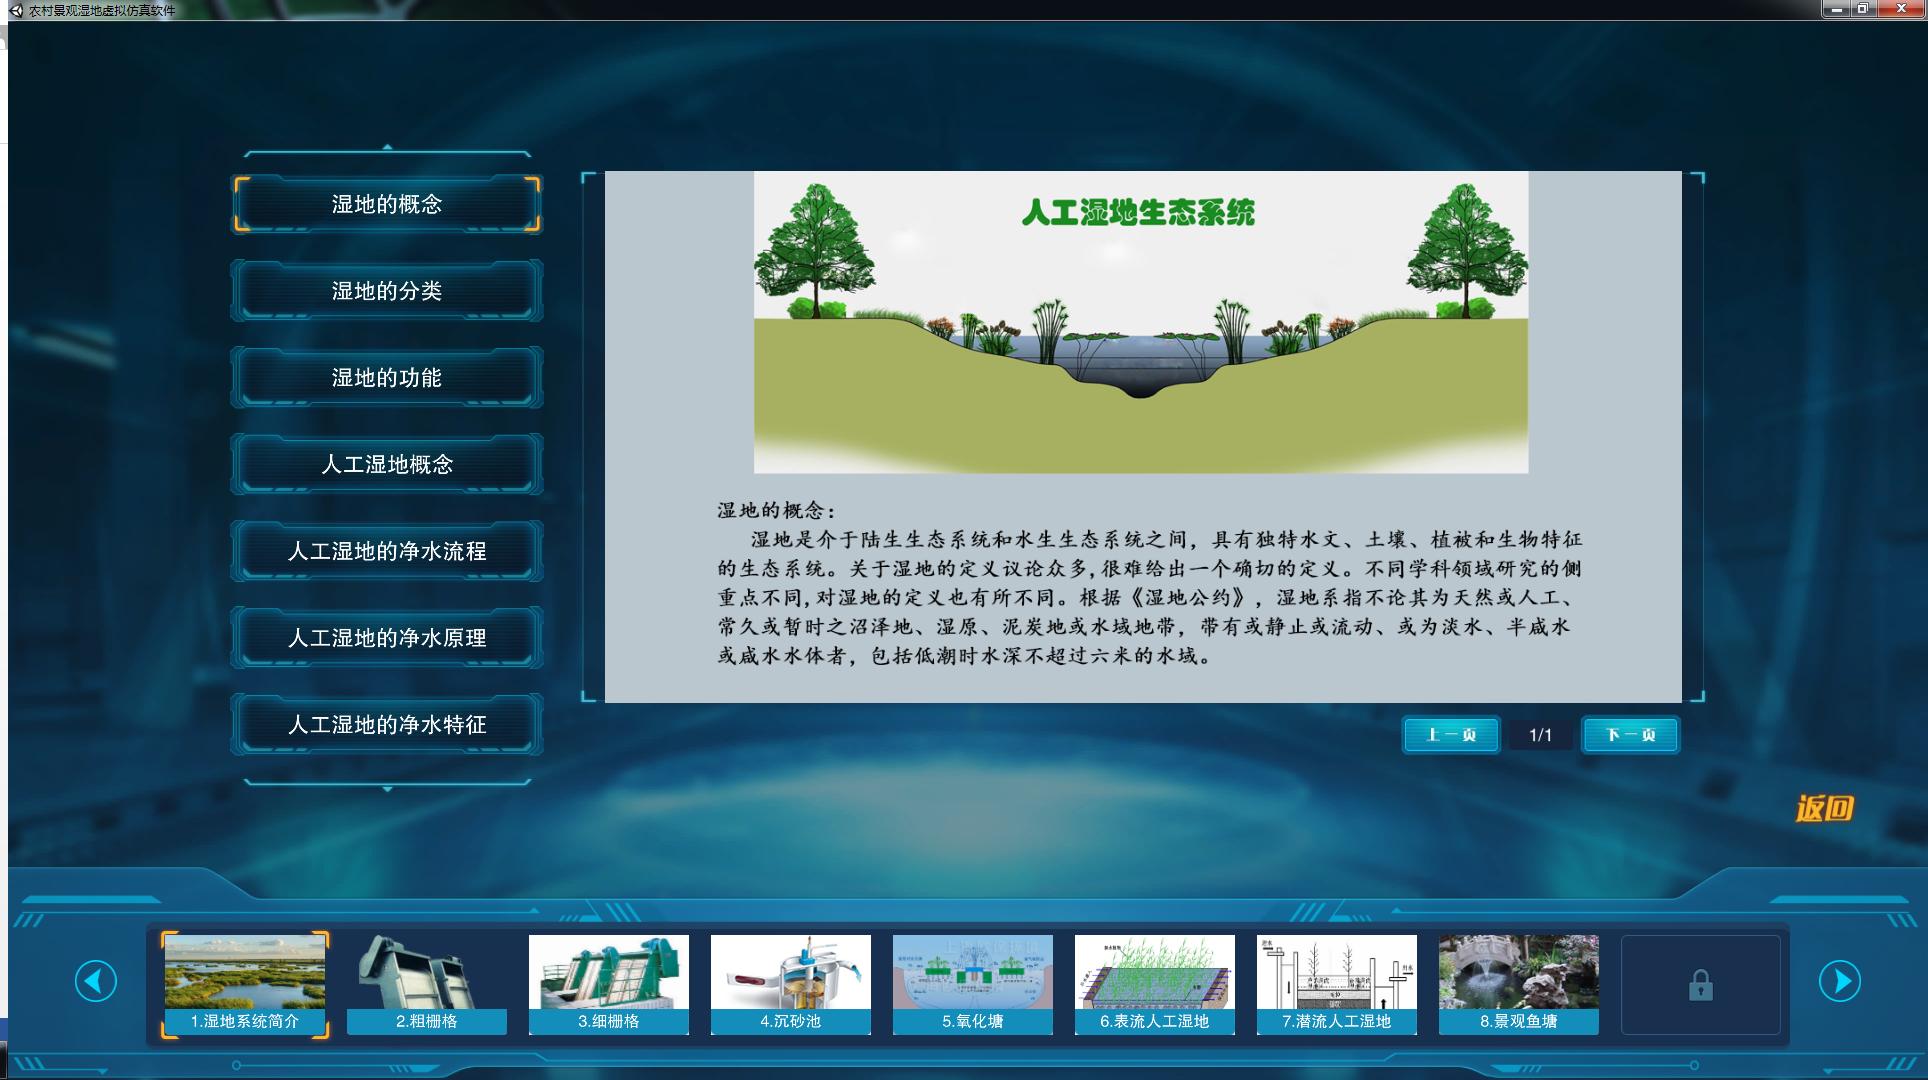 欧倍尔研发景观湿地构建及净水调控虚拟仿真软件,促环境实验教学